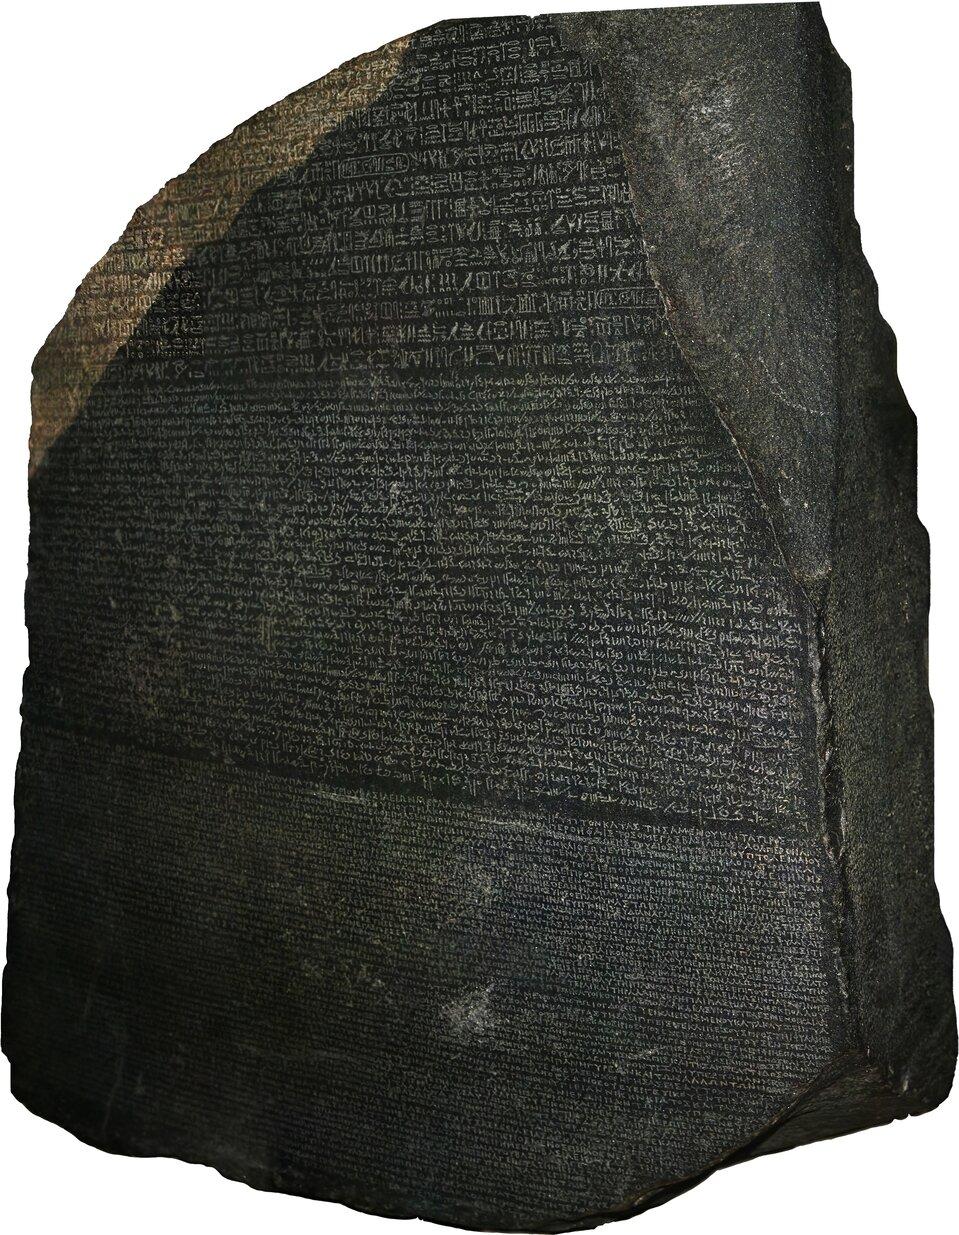 Kamień zRosetty. Obecnie przechowywany jest wzbiorachMuzeum BrytyjskiegowLondynie Kamień zRosetty. Obecnie przechowywany jest wzbiorachMuzeum BrytyjskiegowLondynie Źródło: Hans Hillewaert, Wikimedia Commons, licencja: CC BY-SA 4.0.